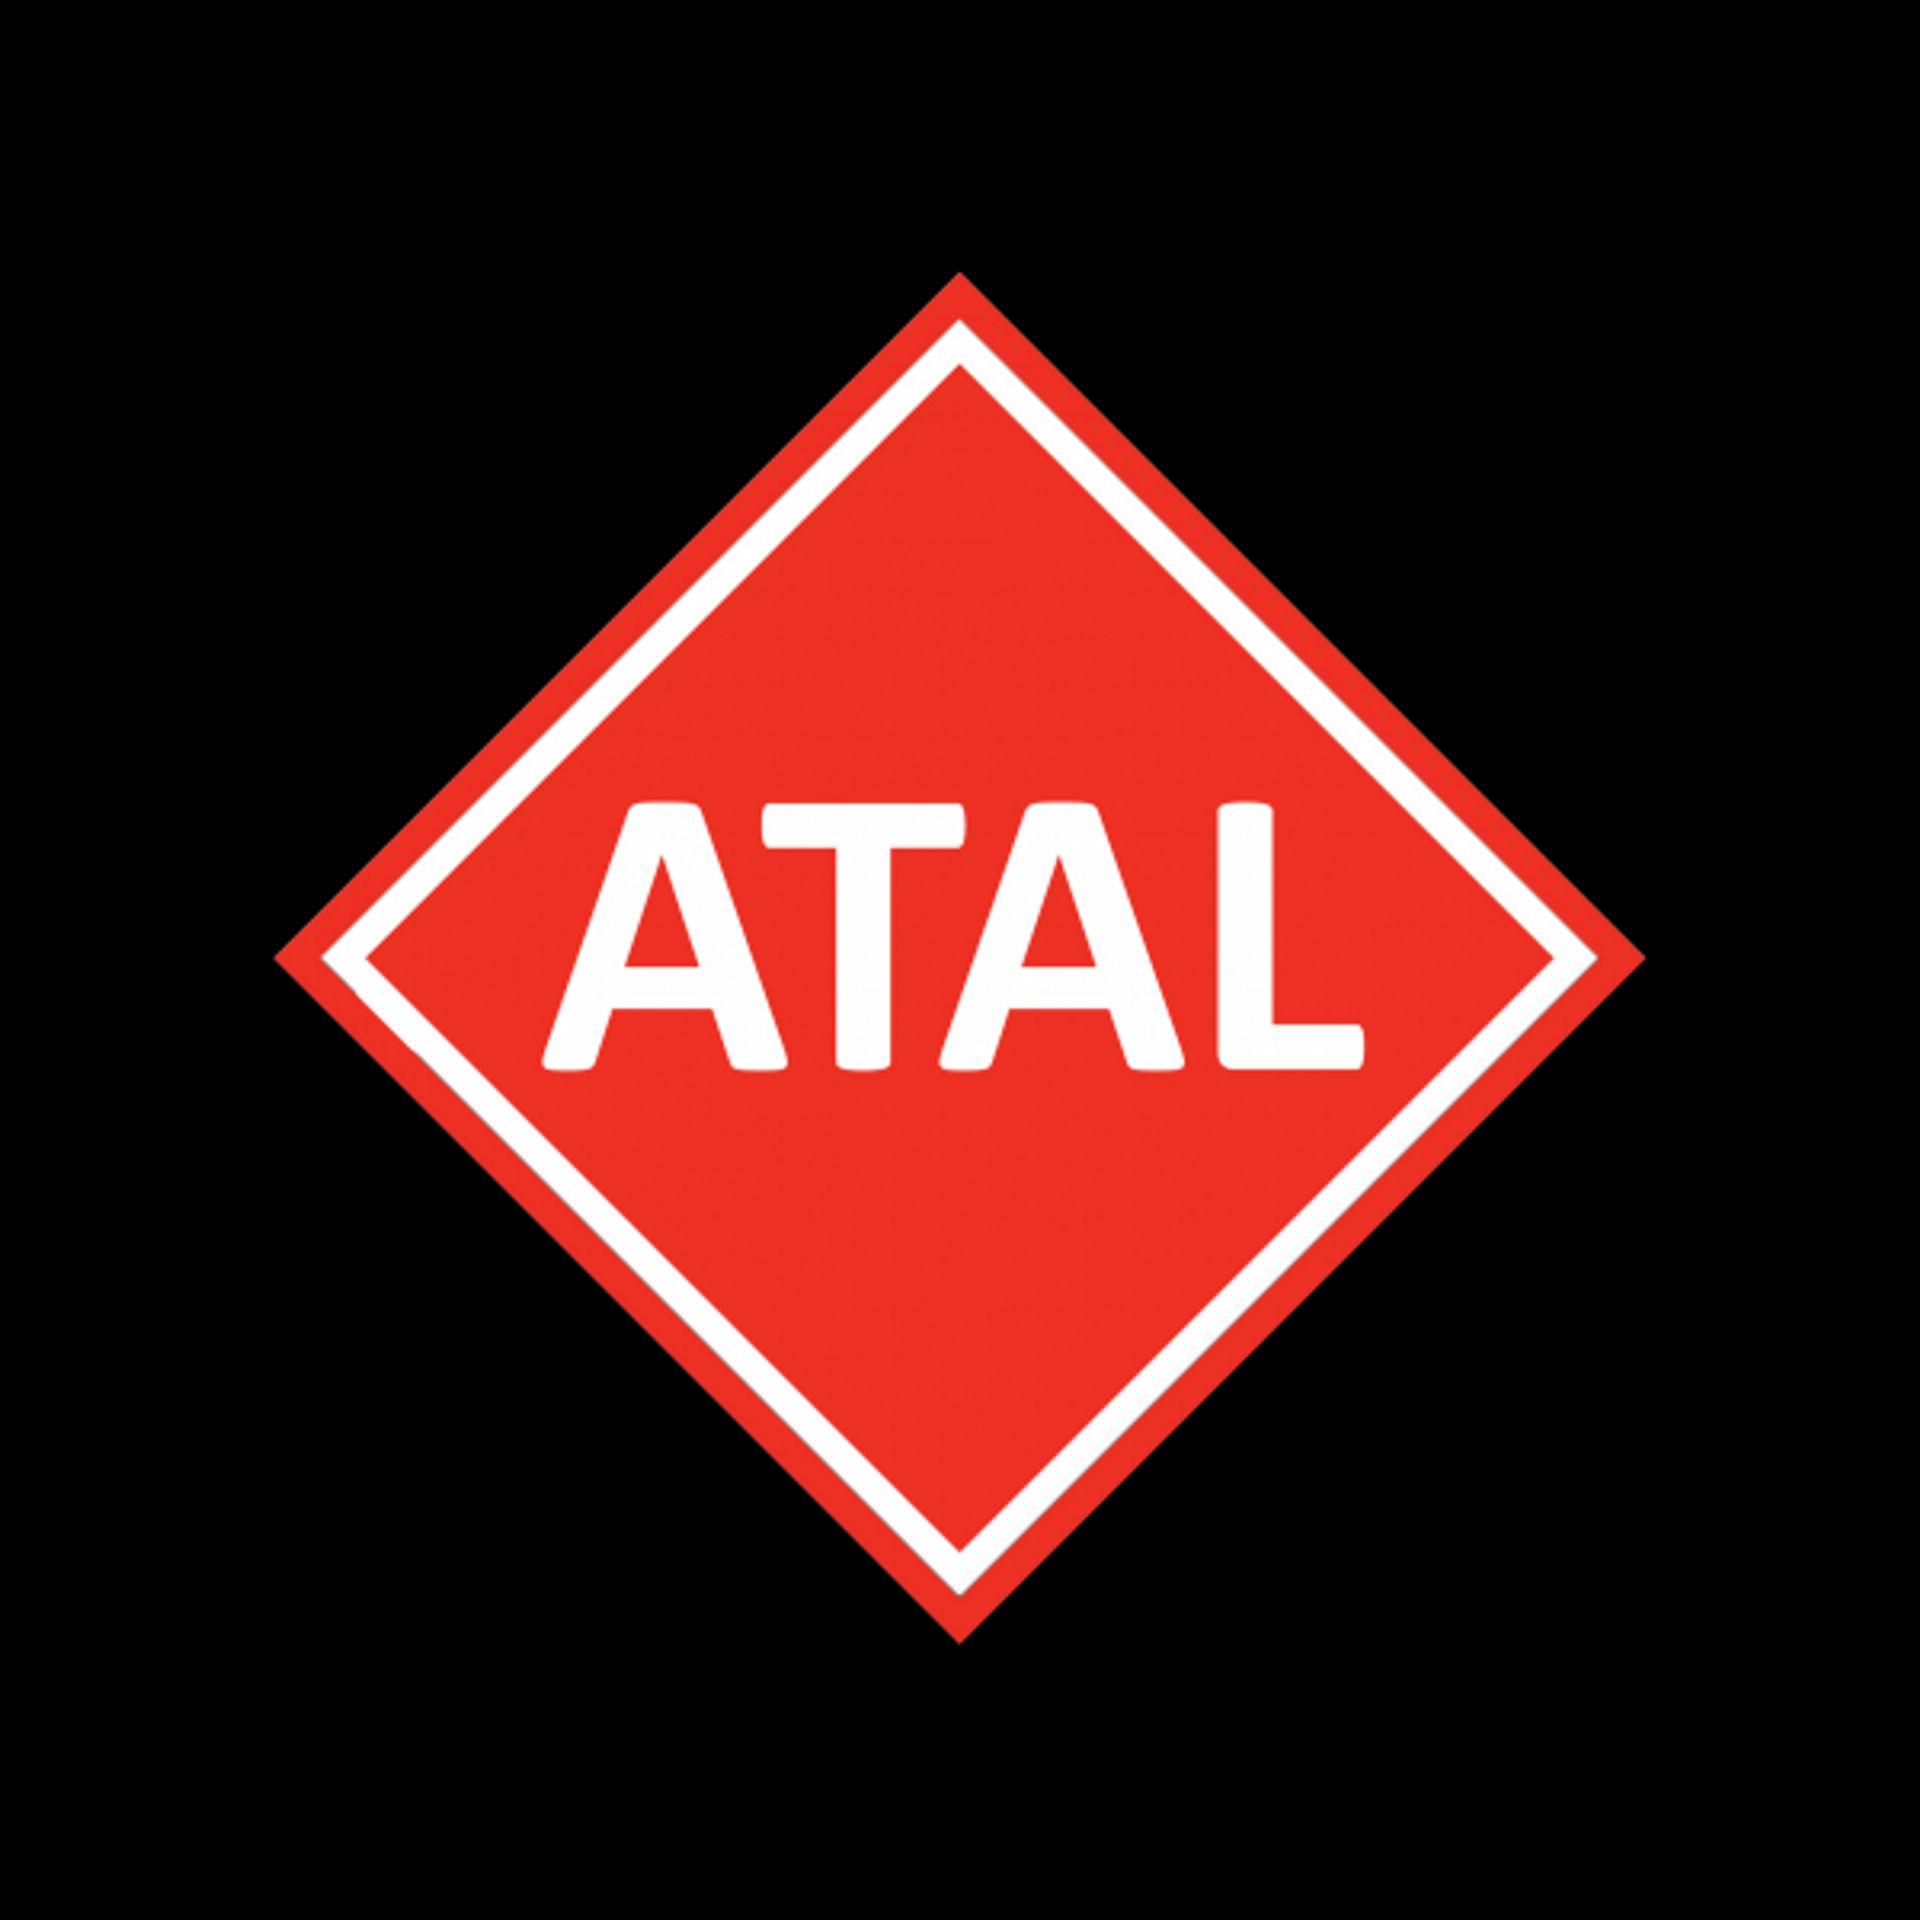 [Polska] Wtorek ostatnim dniem zapisów na akcje Atal